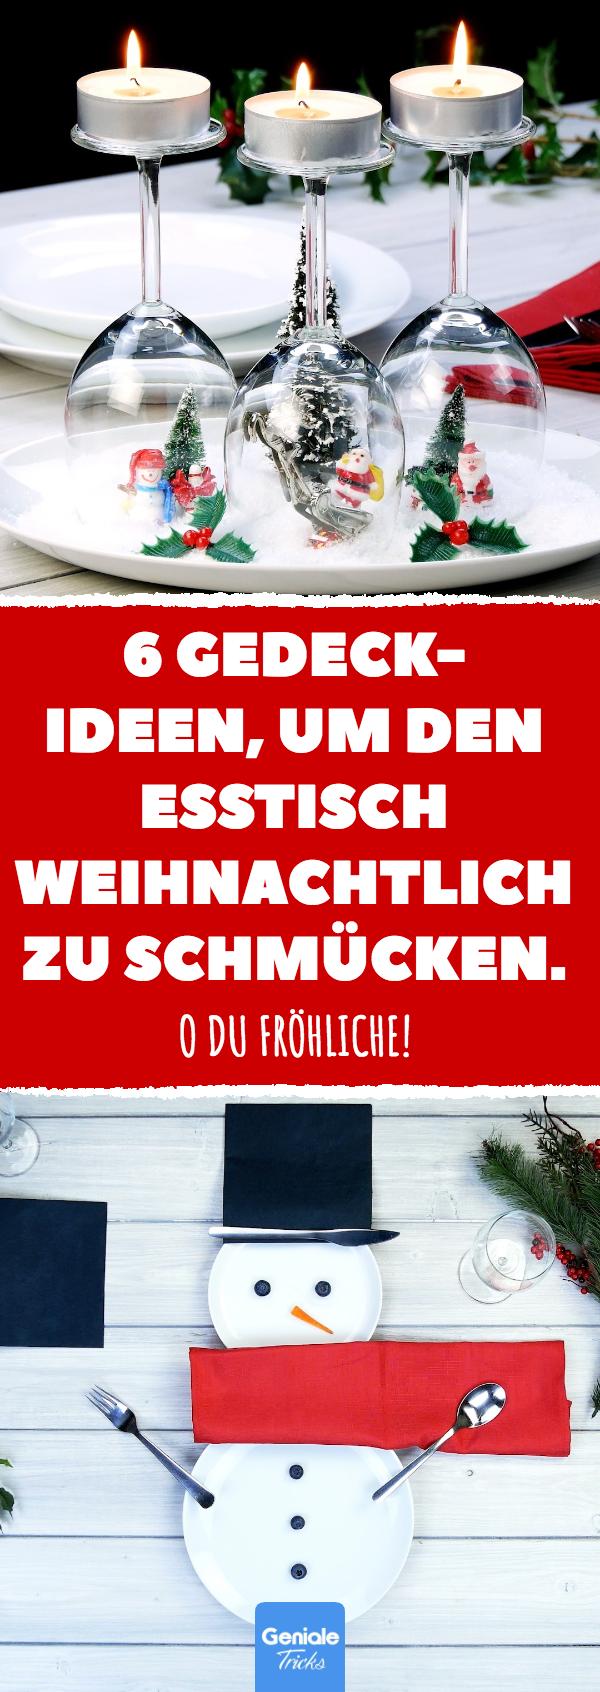 6 Gedeck-Ideen, um den Esstisch weihnachtlich zu schmücken.